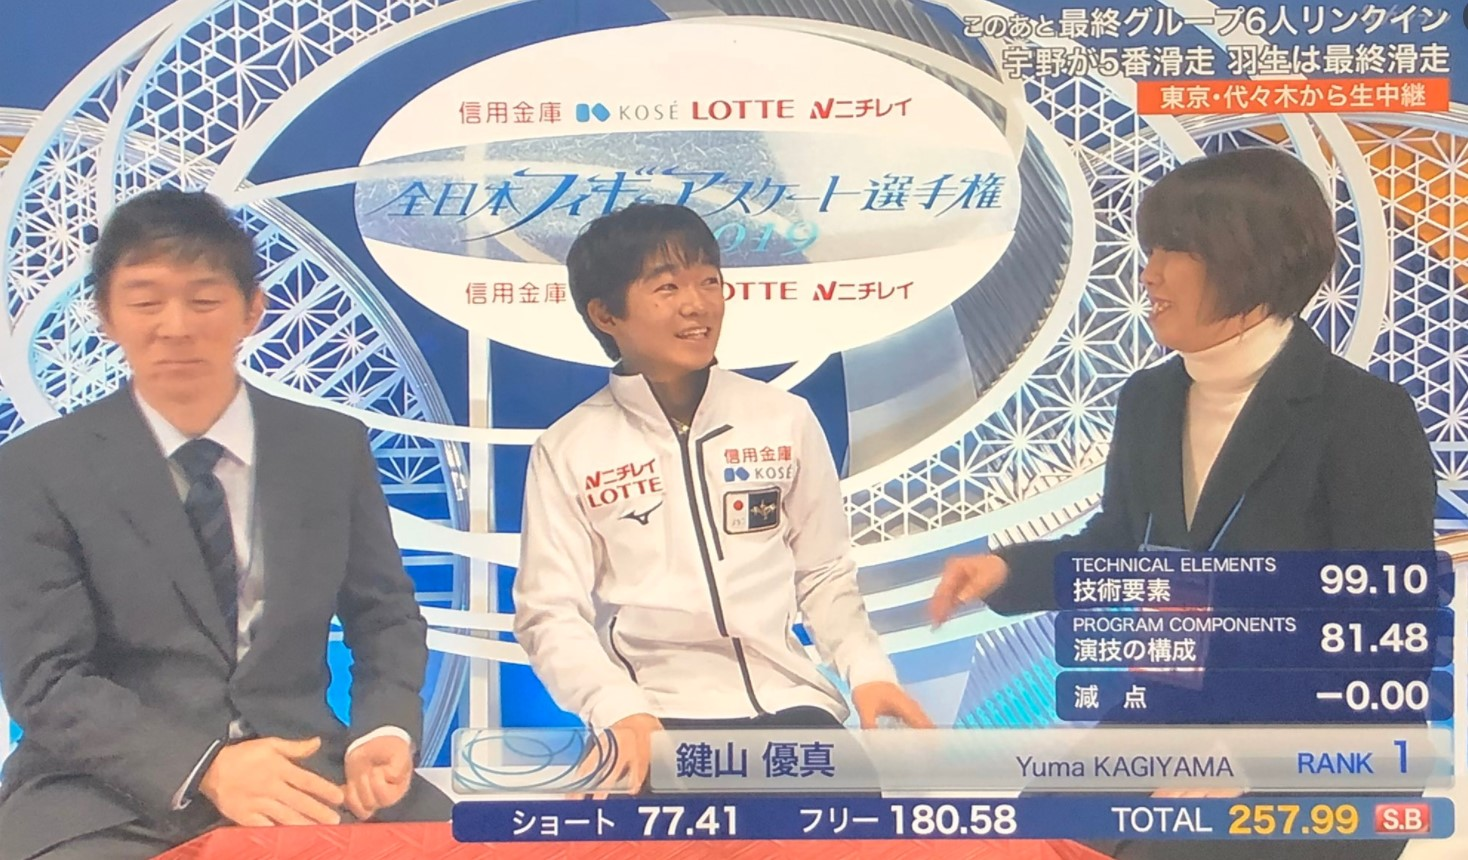 2019年全日本フィギュア選手権の鍵山優真選手